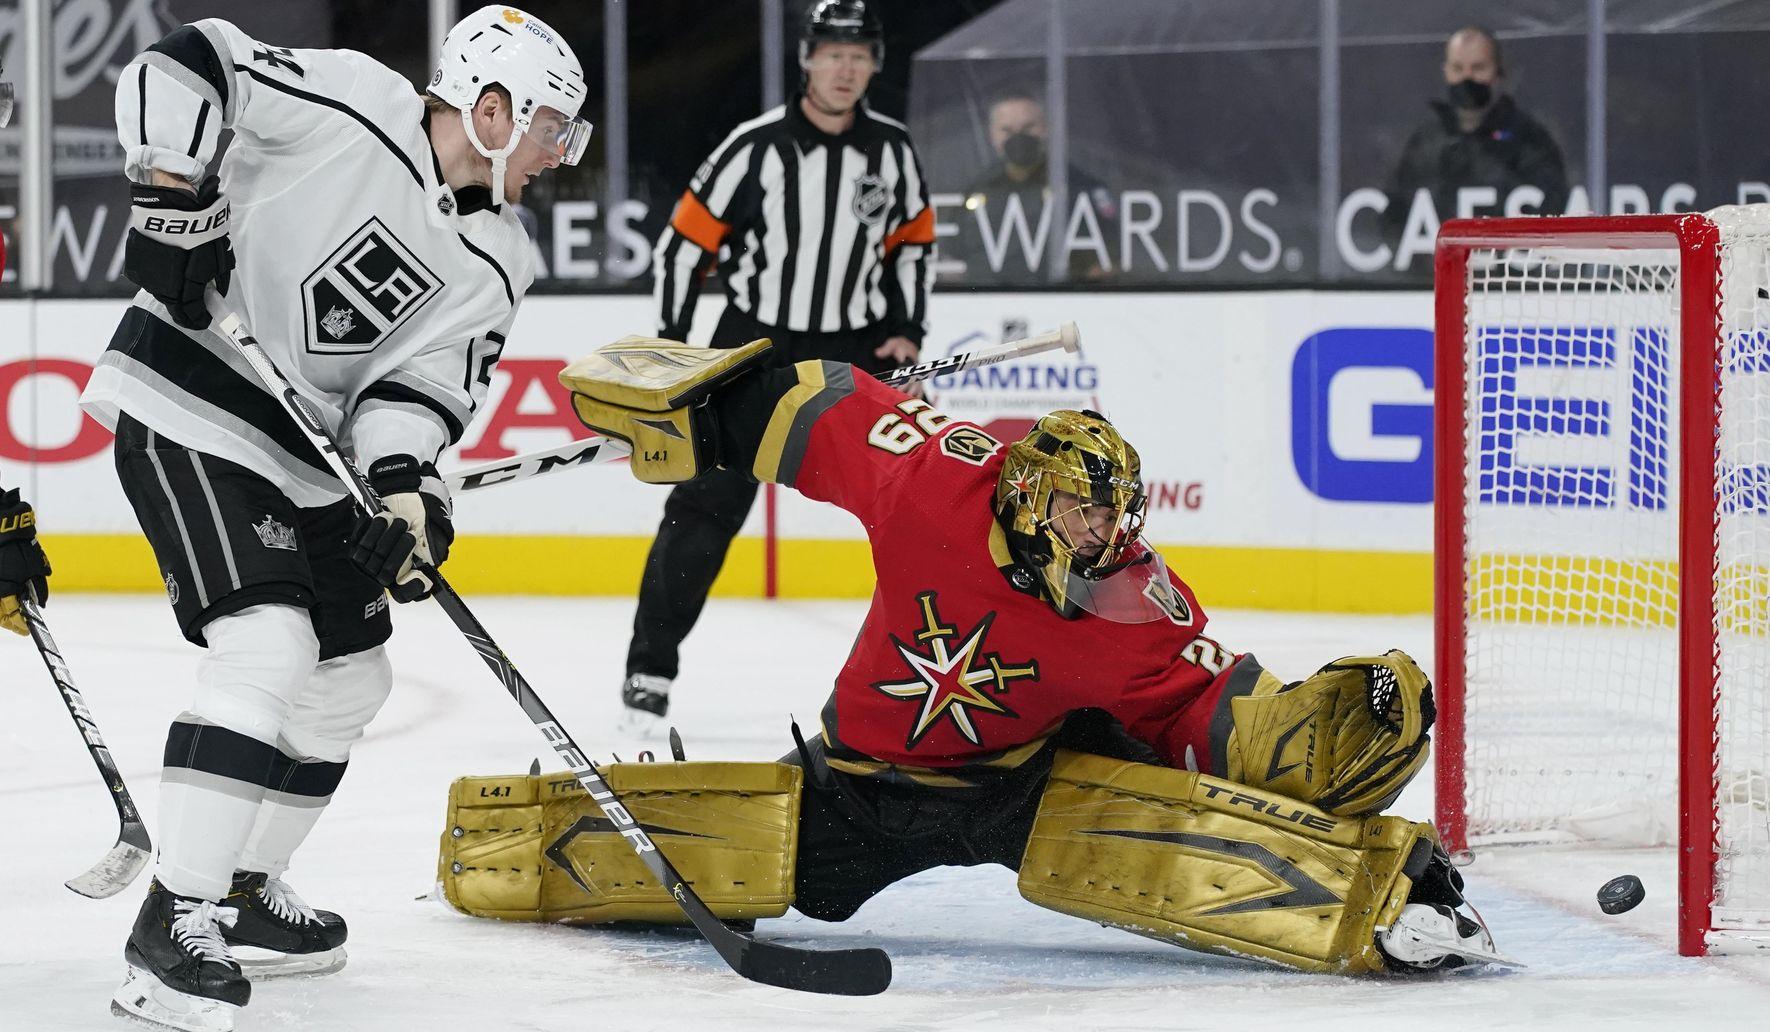 Andersson scores in return, Kings top Vegas 4-2